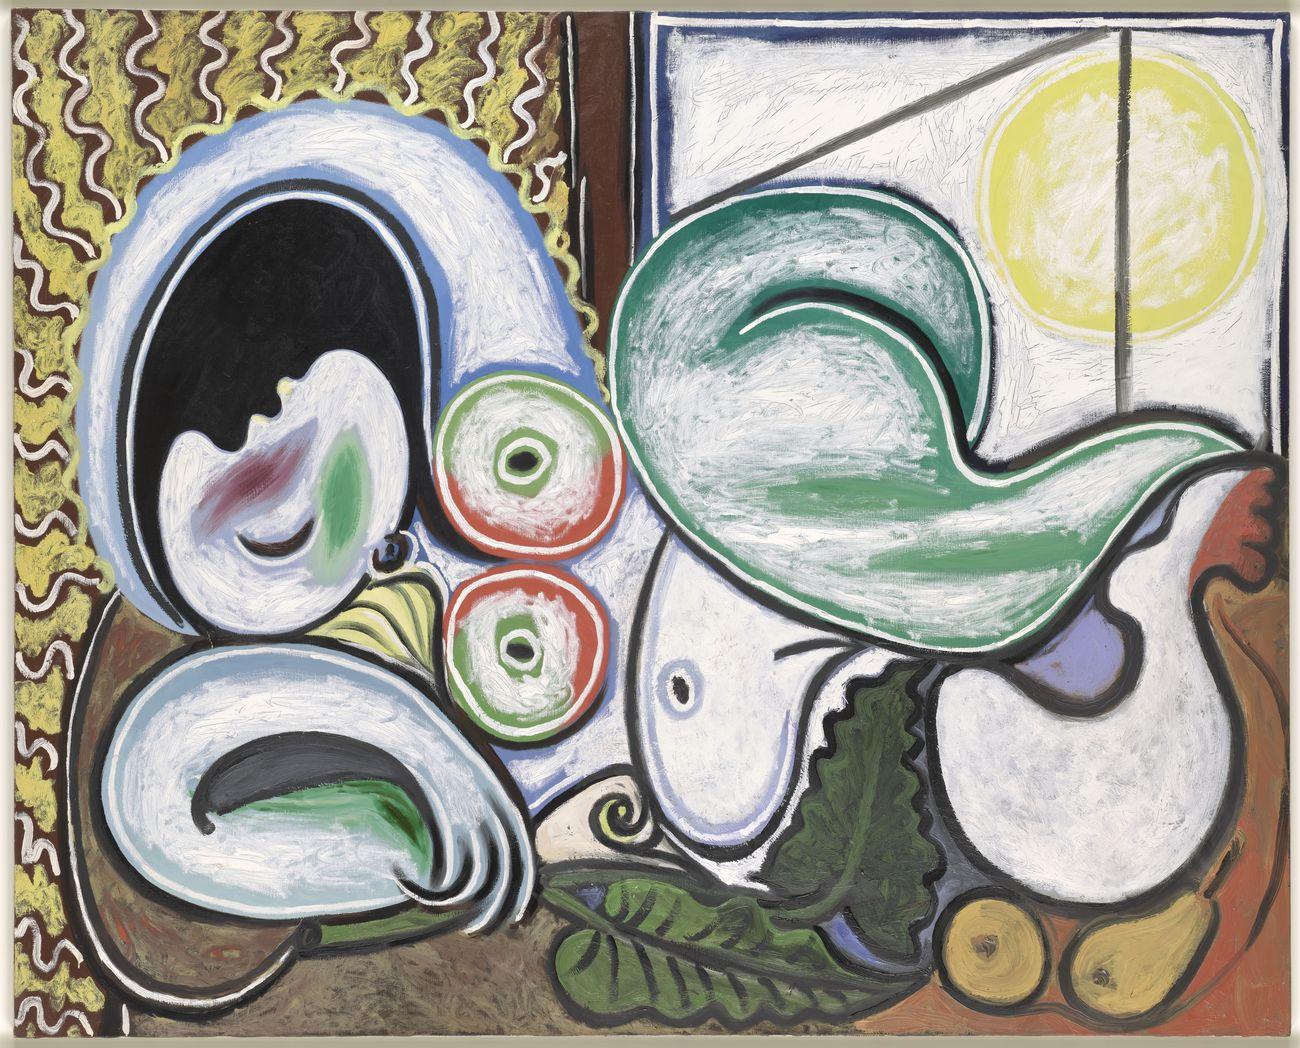 """Pablo Picasso, Nu couché, Boisgeloup, April 4, 1932, oil on canvas, 51 1/5"""" x 63 3/4"""", Musée national Picasso-Paris. Dation of the Estate of the Artist, 1979 © RMN-Grand Palais / Adrien Didierjean © Succession Picasso 2019"""